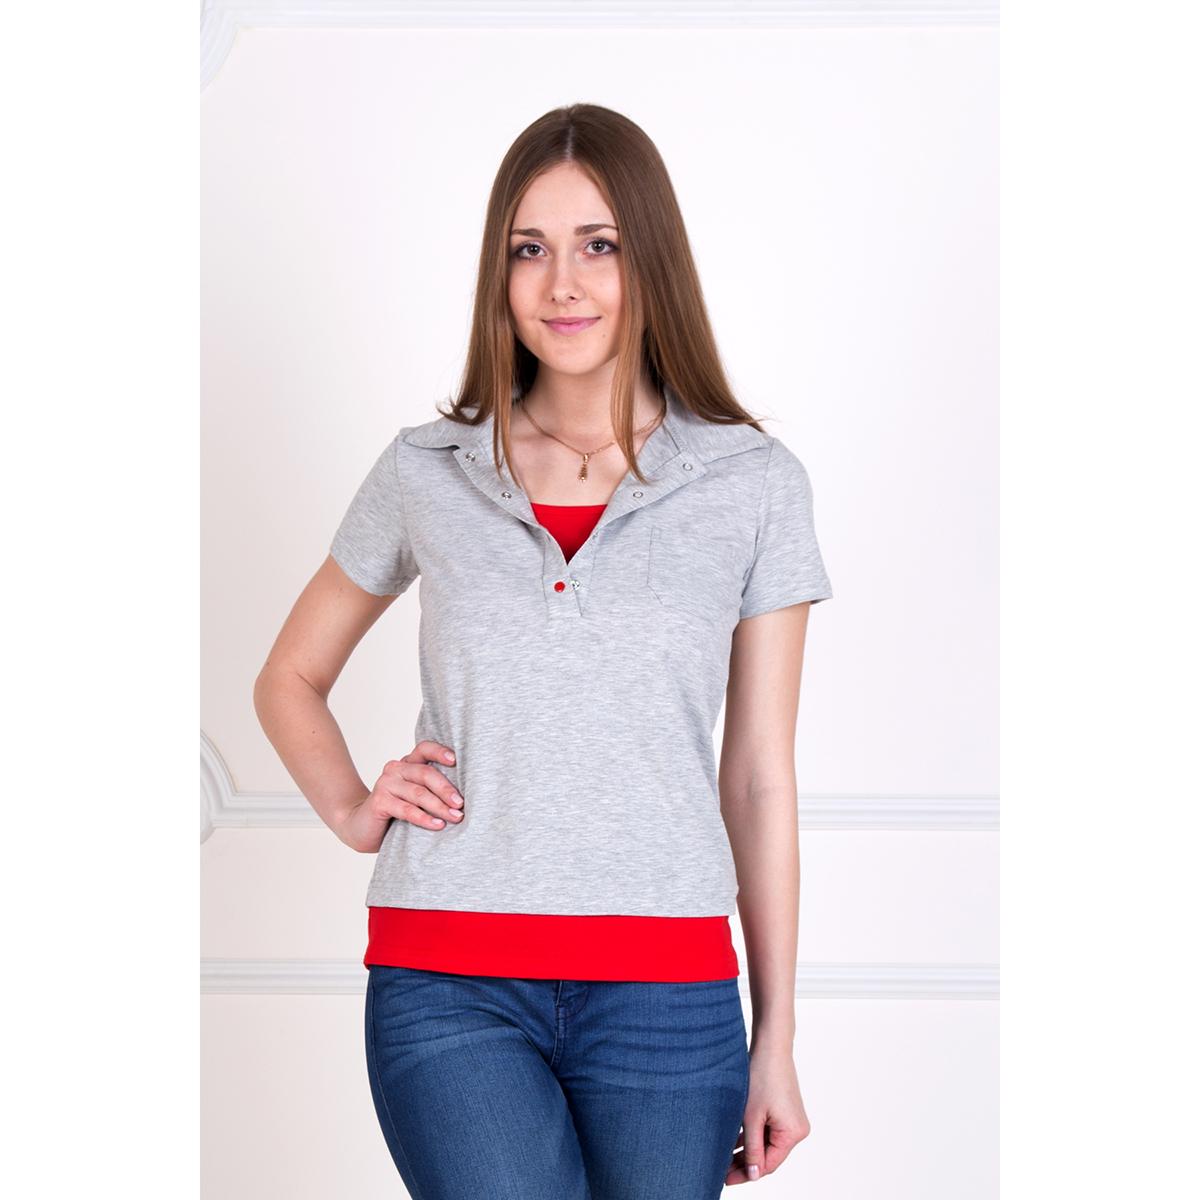 """Купить со скидкой Женская футболка-поло """"Карина"""", размер 46"""